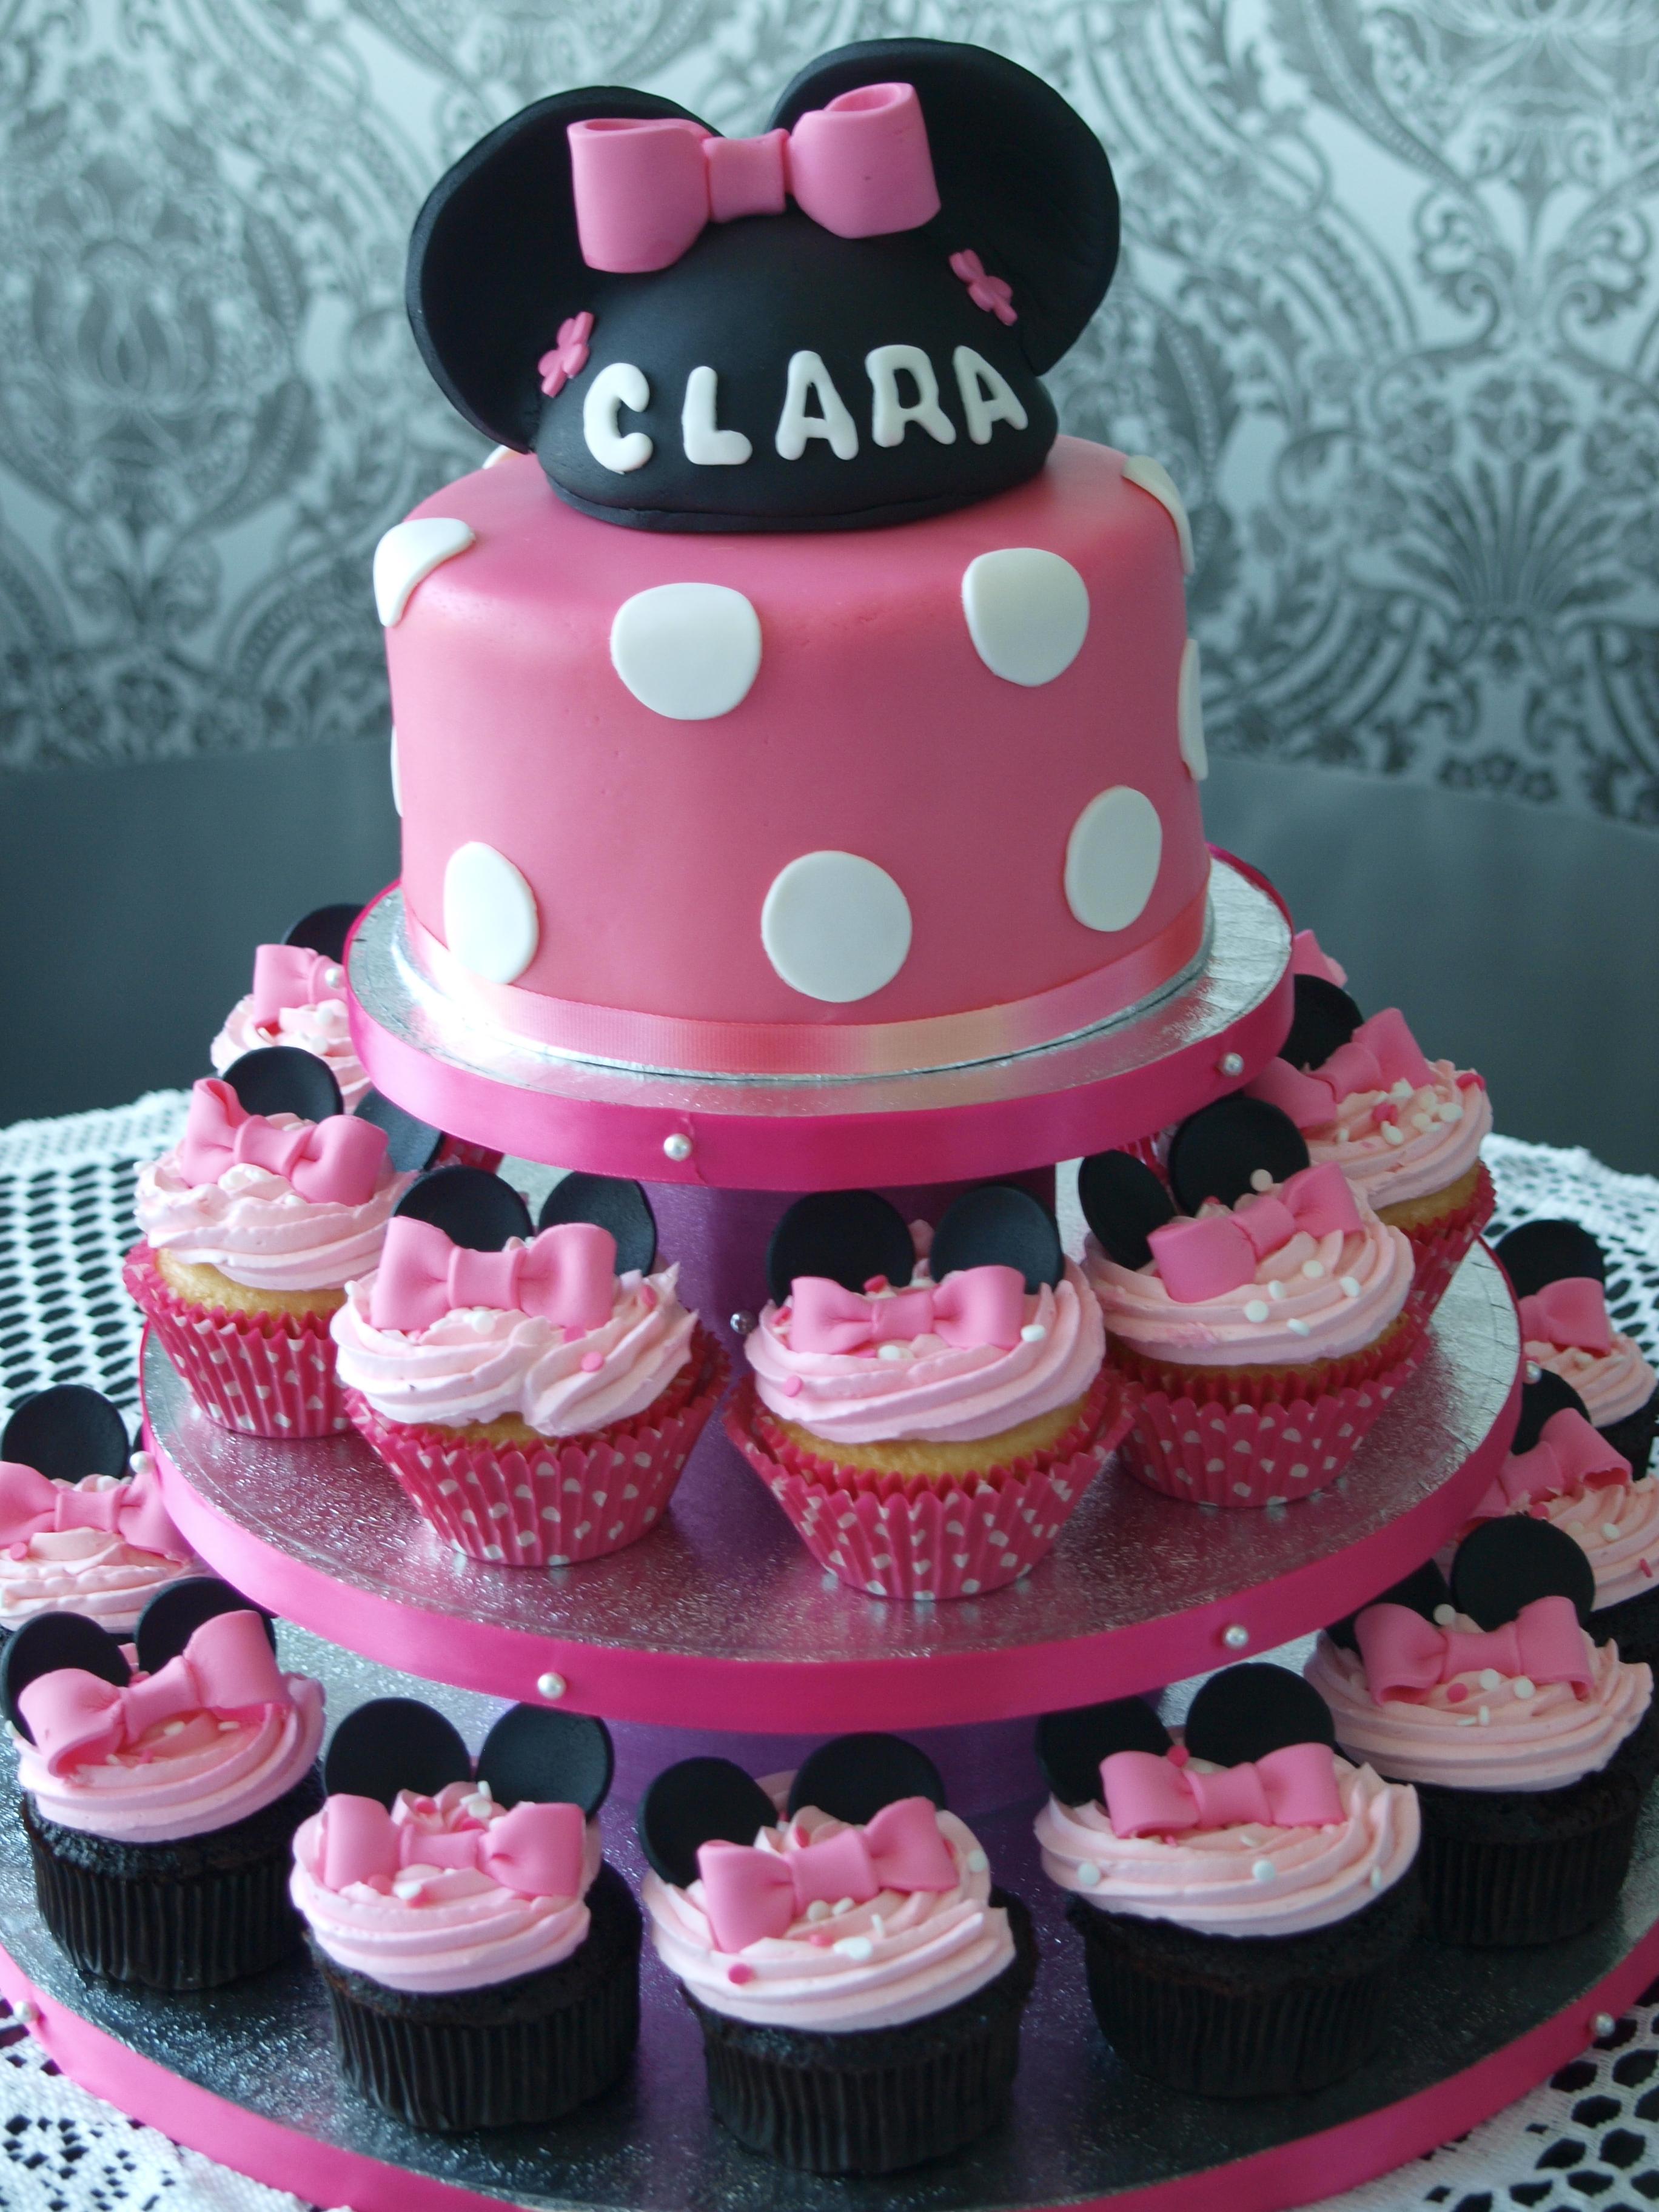 Fondant Cakes The Cake Tart